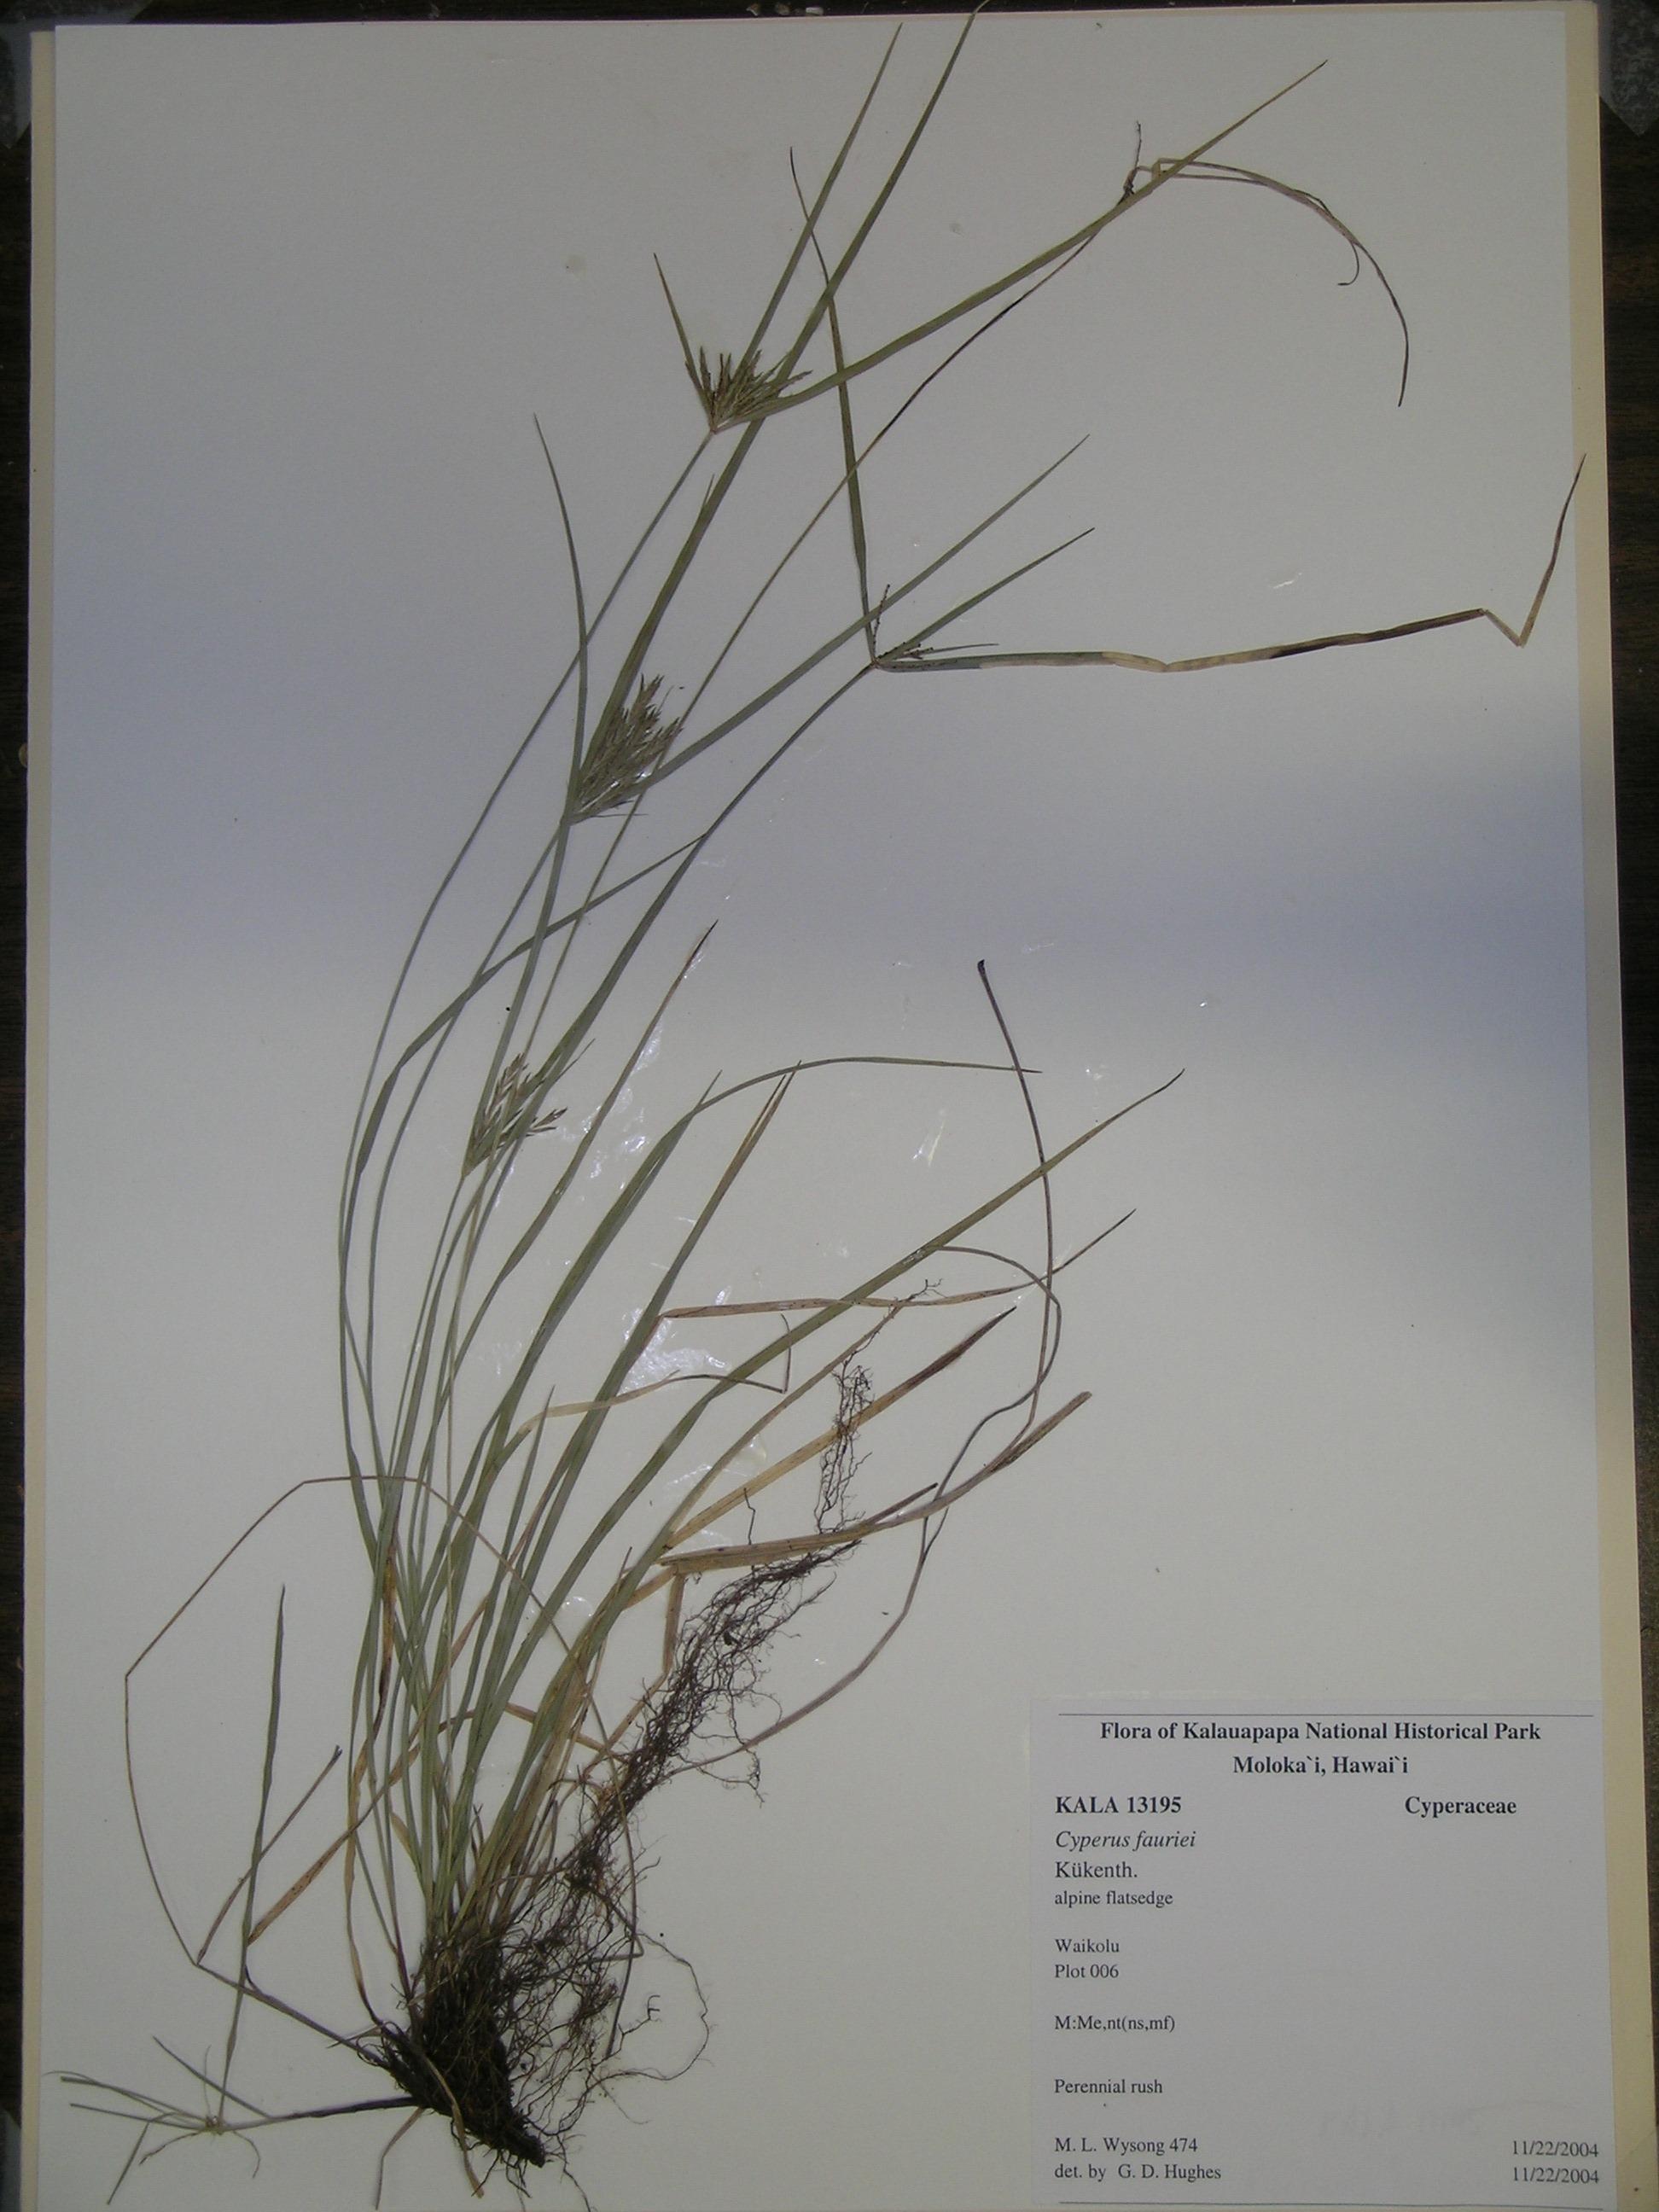 cyperus fauriei